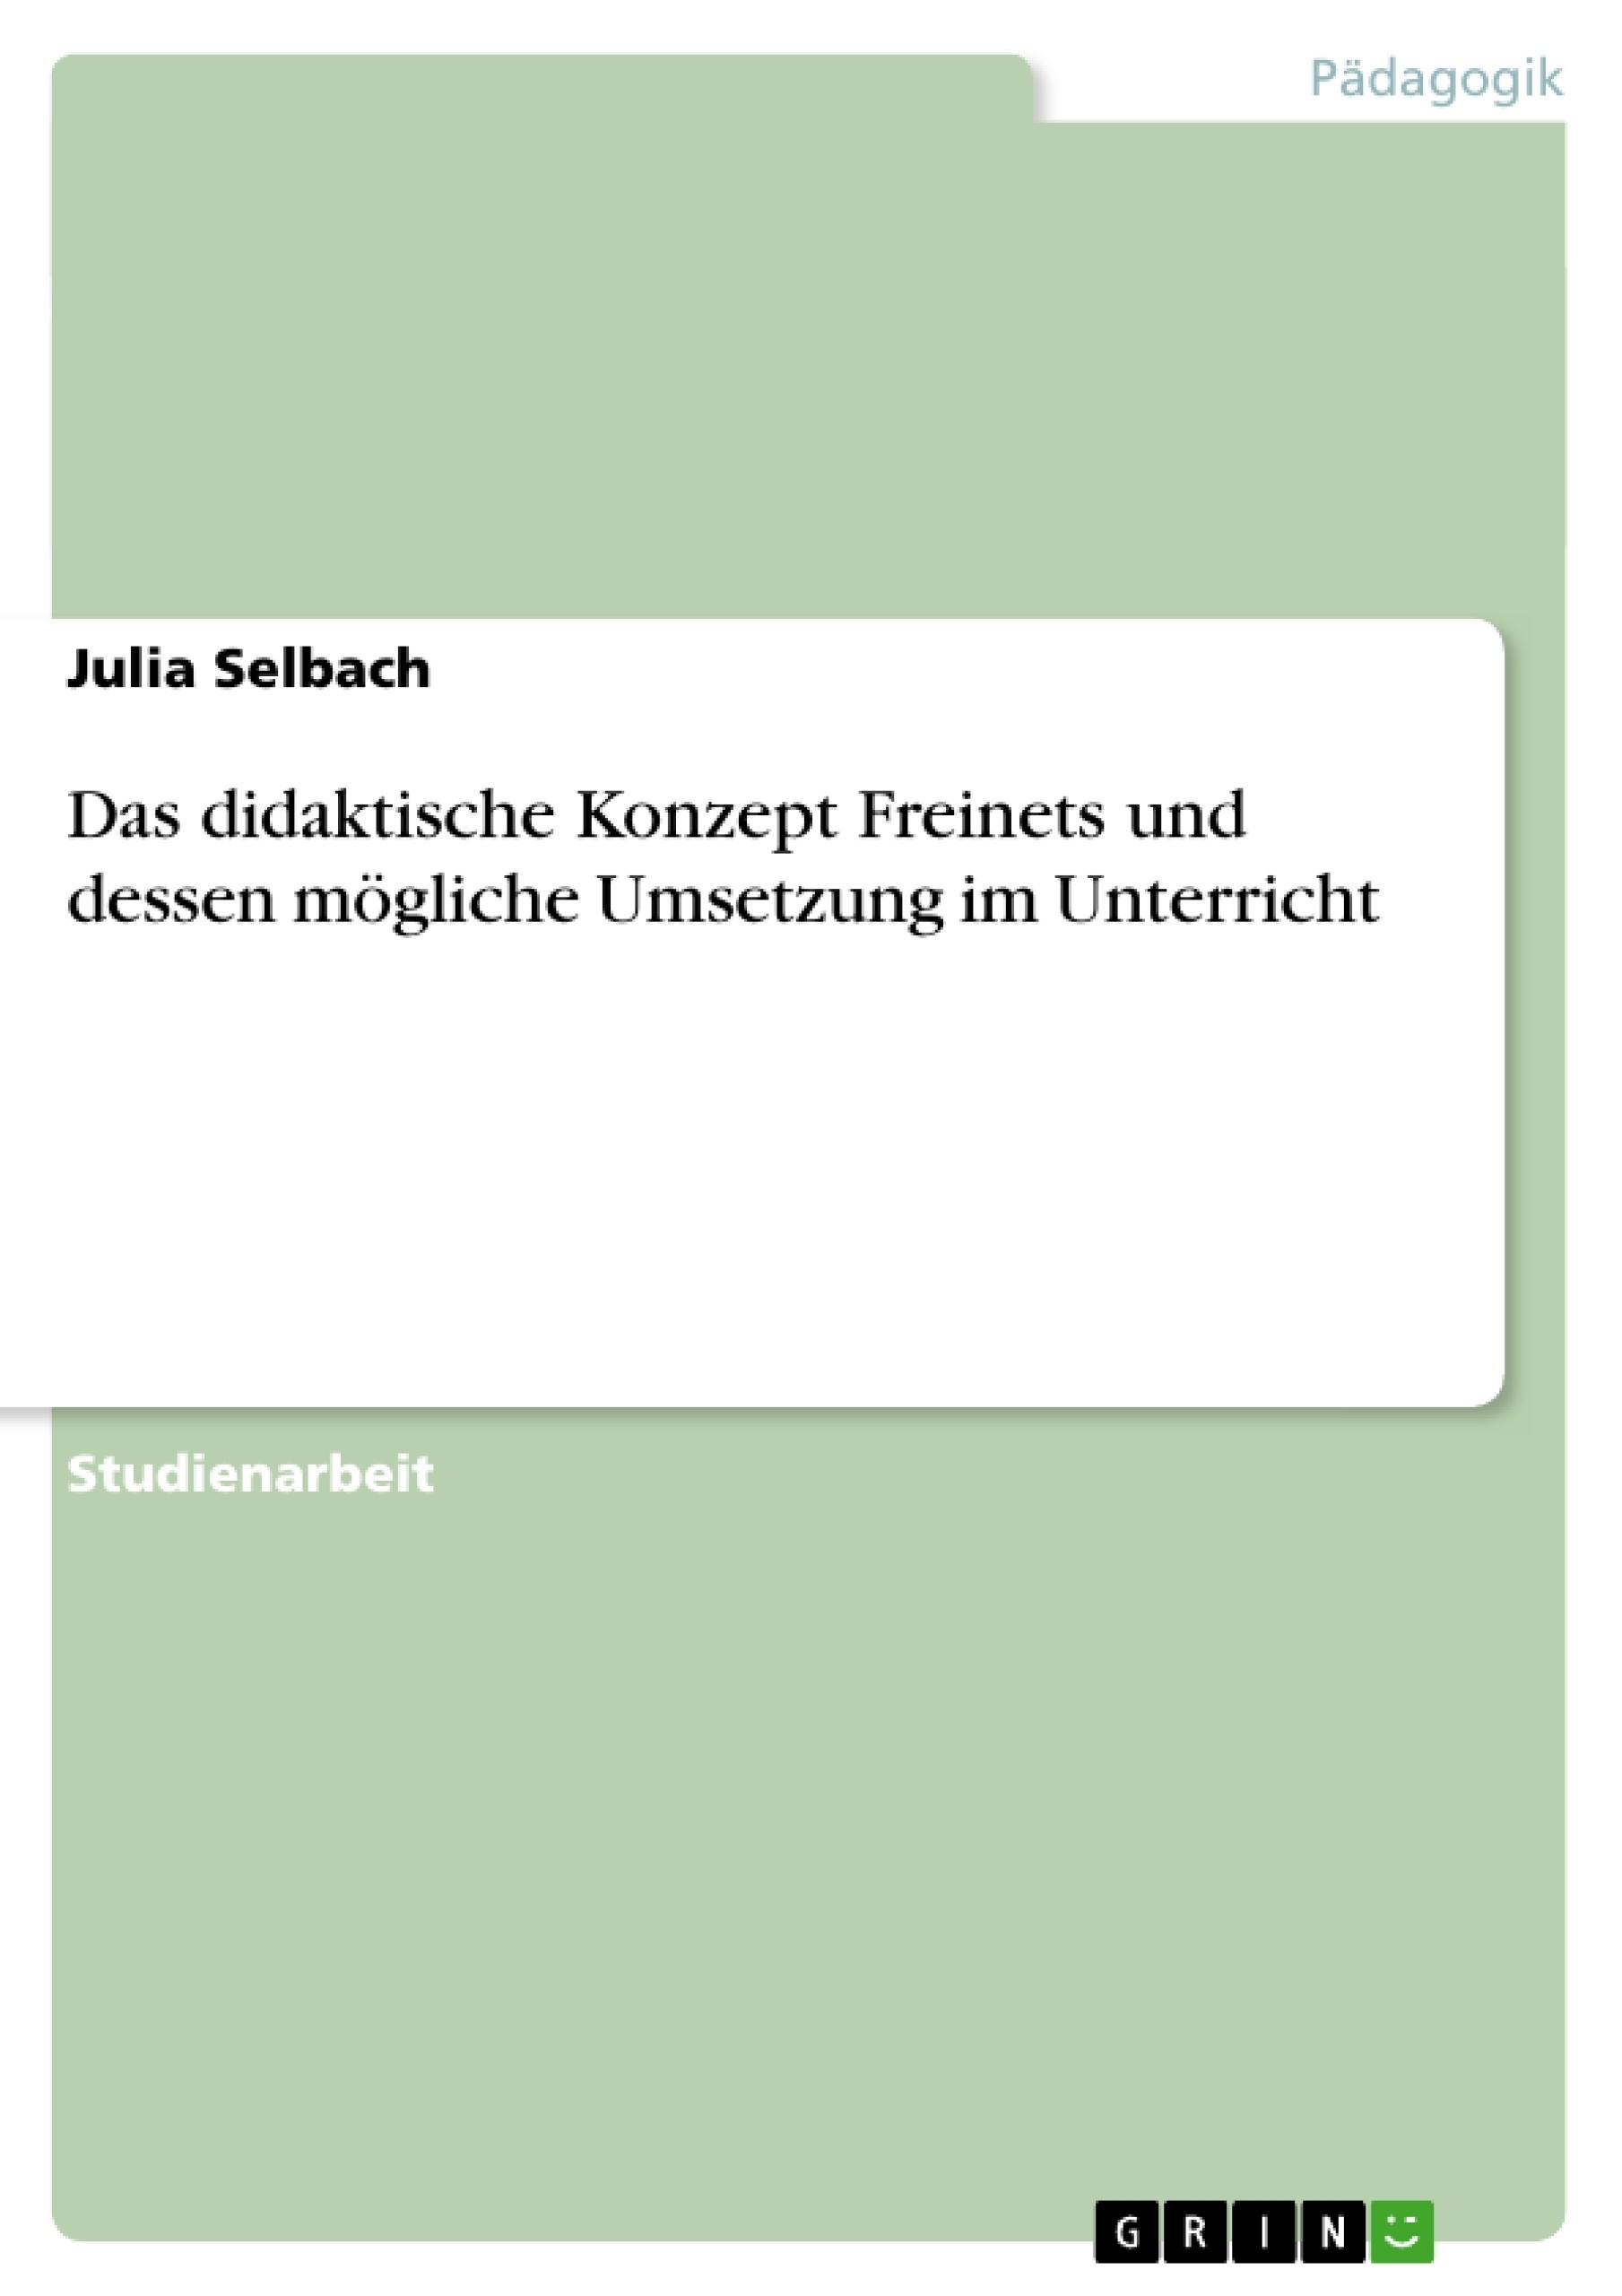 Titel: Das didaktische Konzept Freinets und dessen mögliche Umsetzung im Unterricht